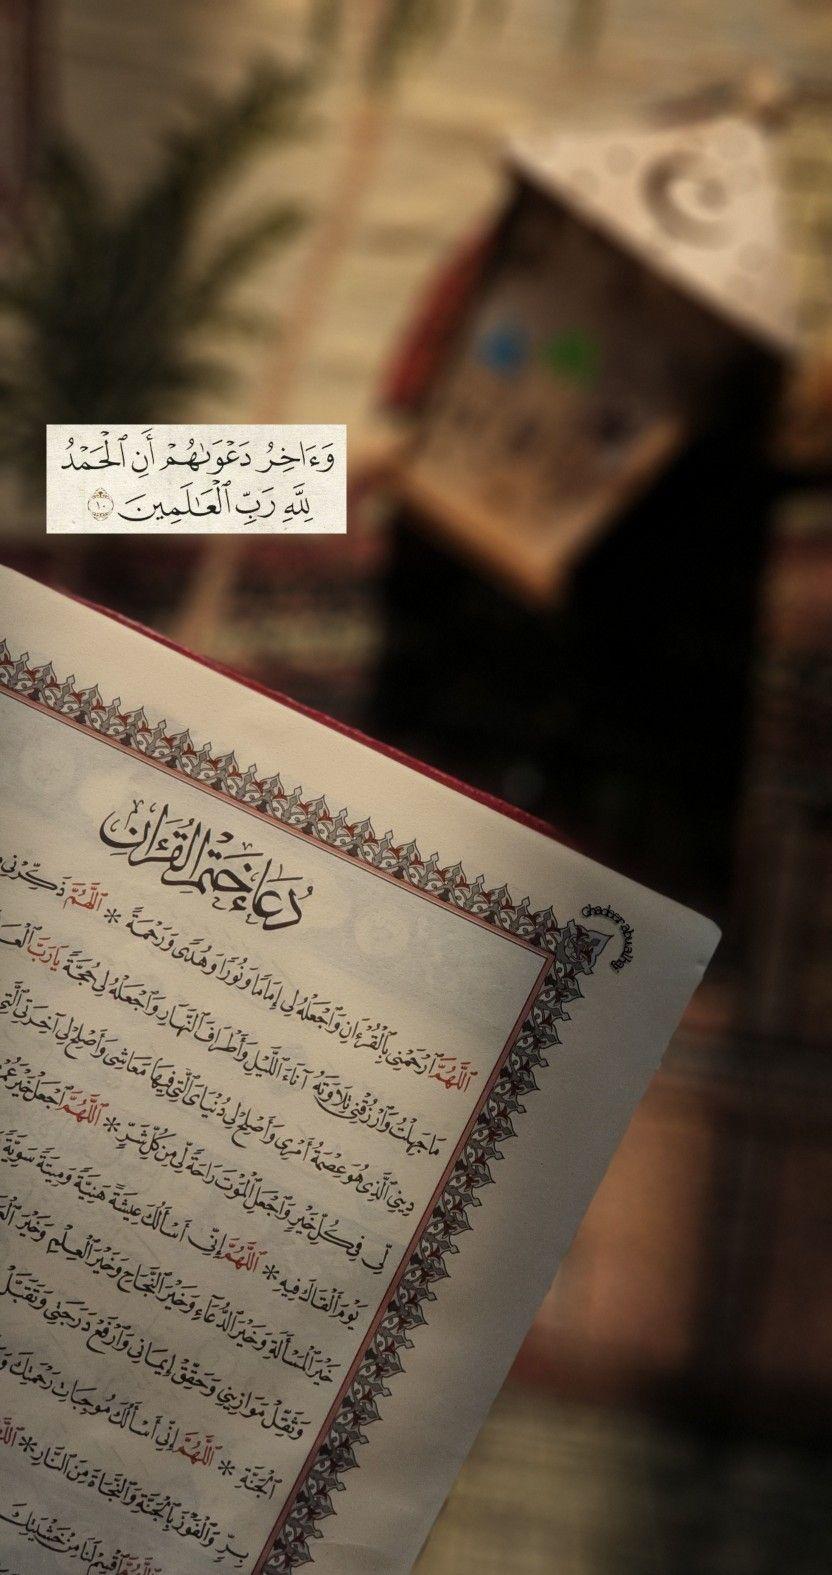 وآخر دعواهم أن الحمدلله رب العالمين دعاء ختم القرآن In 2021 Quran Book Hair Care Oils Islamic Pictures